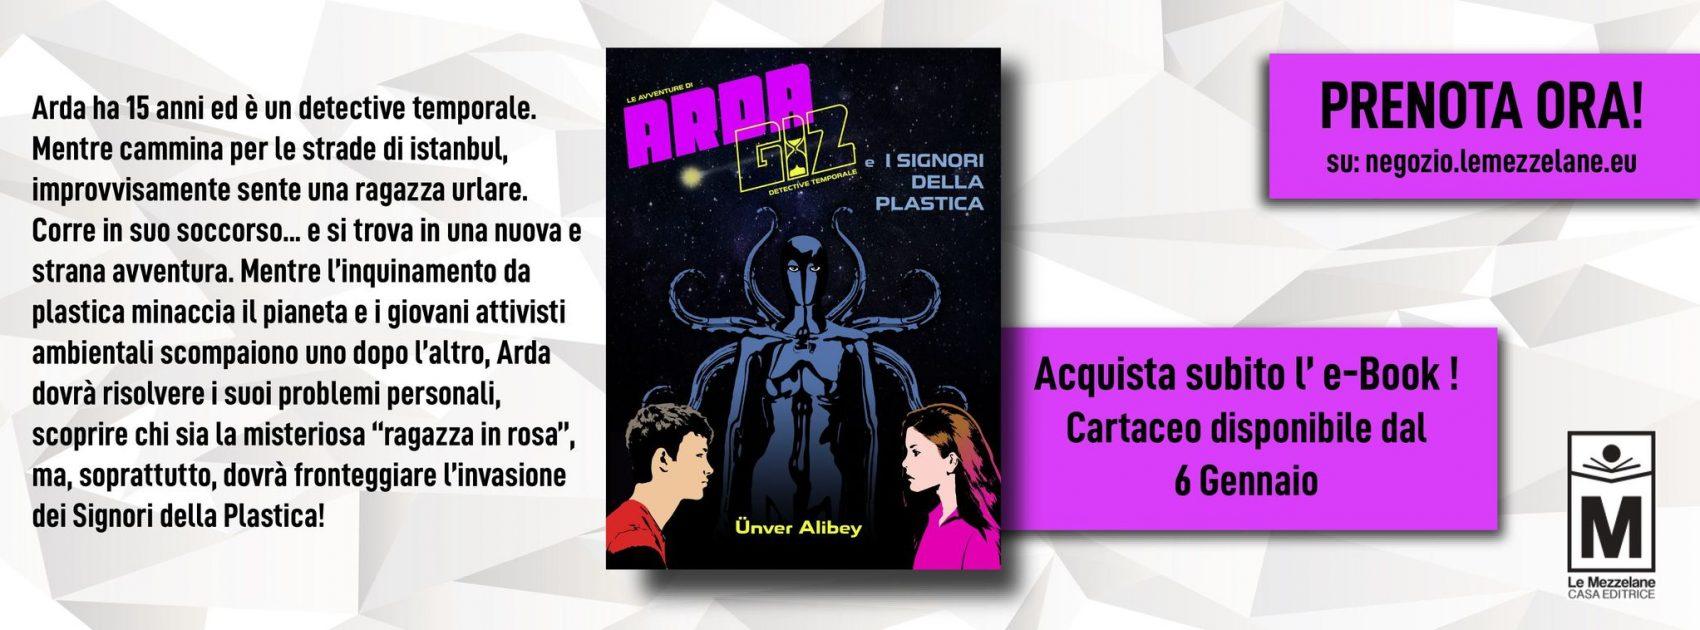 """Arda ha 15 anni ed è un detective temporale. Mentre cammina per le strade di istanbul, improvvisamente sente una ragazza urlare. Corre in suo soccorso... e si trova in una nuova e strana avventura. Mentre l'inquinamento da plastica minaccia il pianeta e i giovani attivisti ambientali scompaiono uno dopo l'altro, Arda dovrà risolvere i suoi problemi personali, scoprire chi sia la misteriosa """"ragazza in rosa"""", ma, soprattutto, dovrà fronteggiare l'invasione dei Signori della Plastica!"""